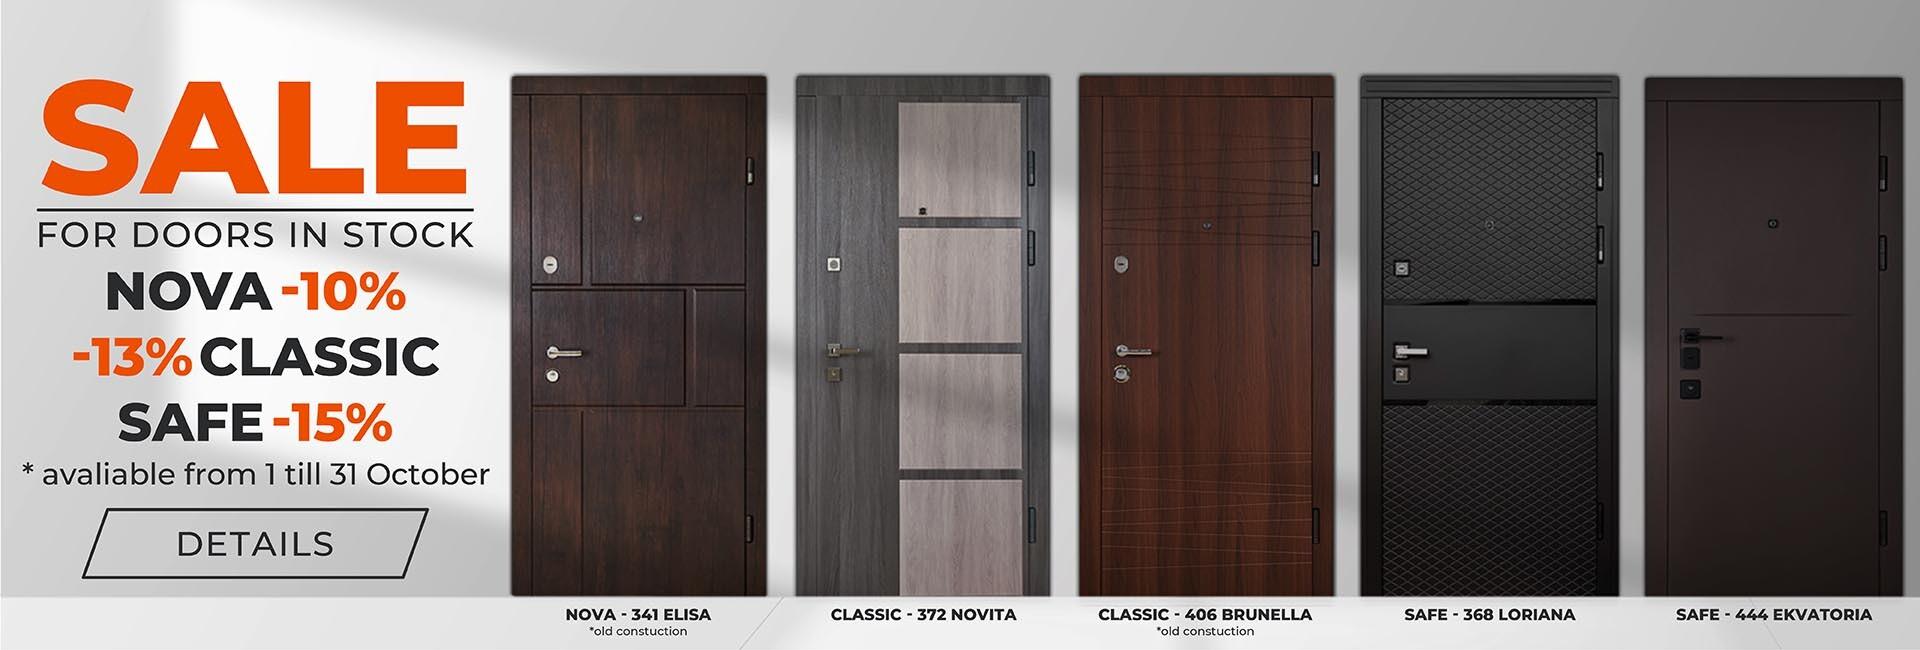 Sales for doors in stock